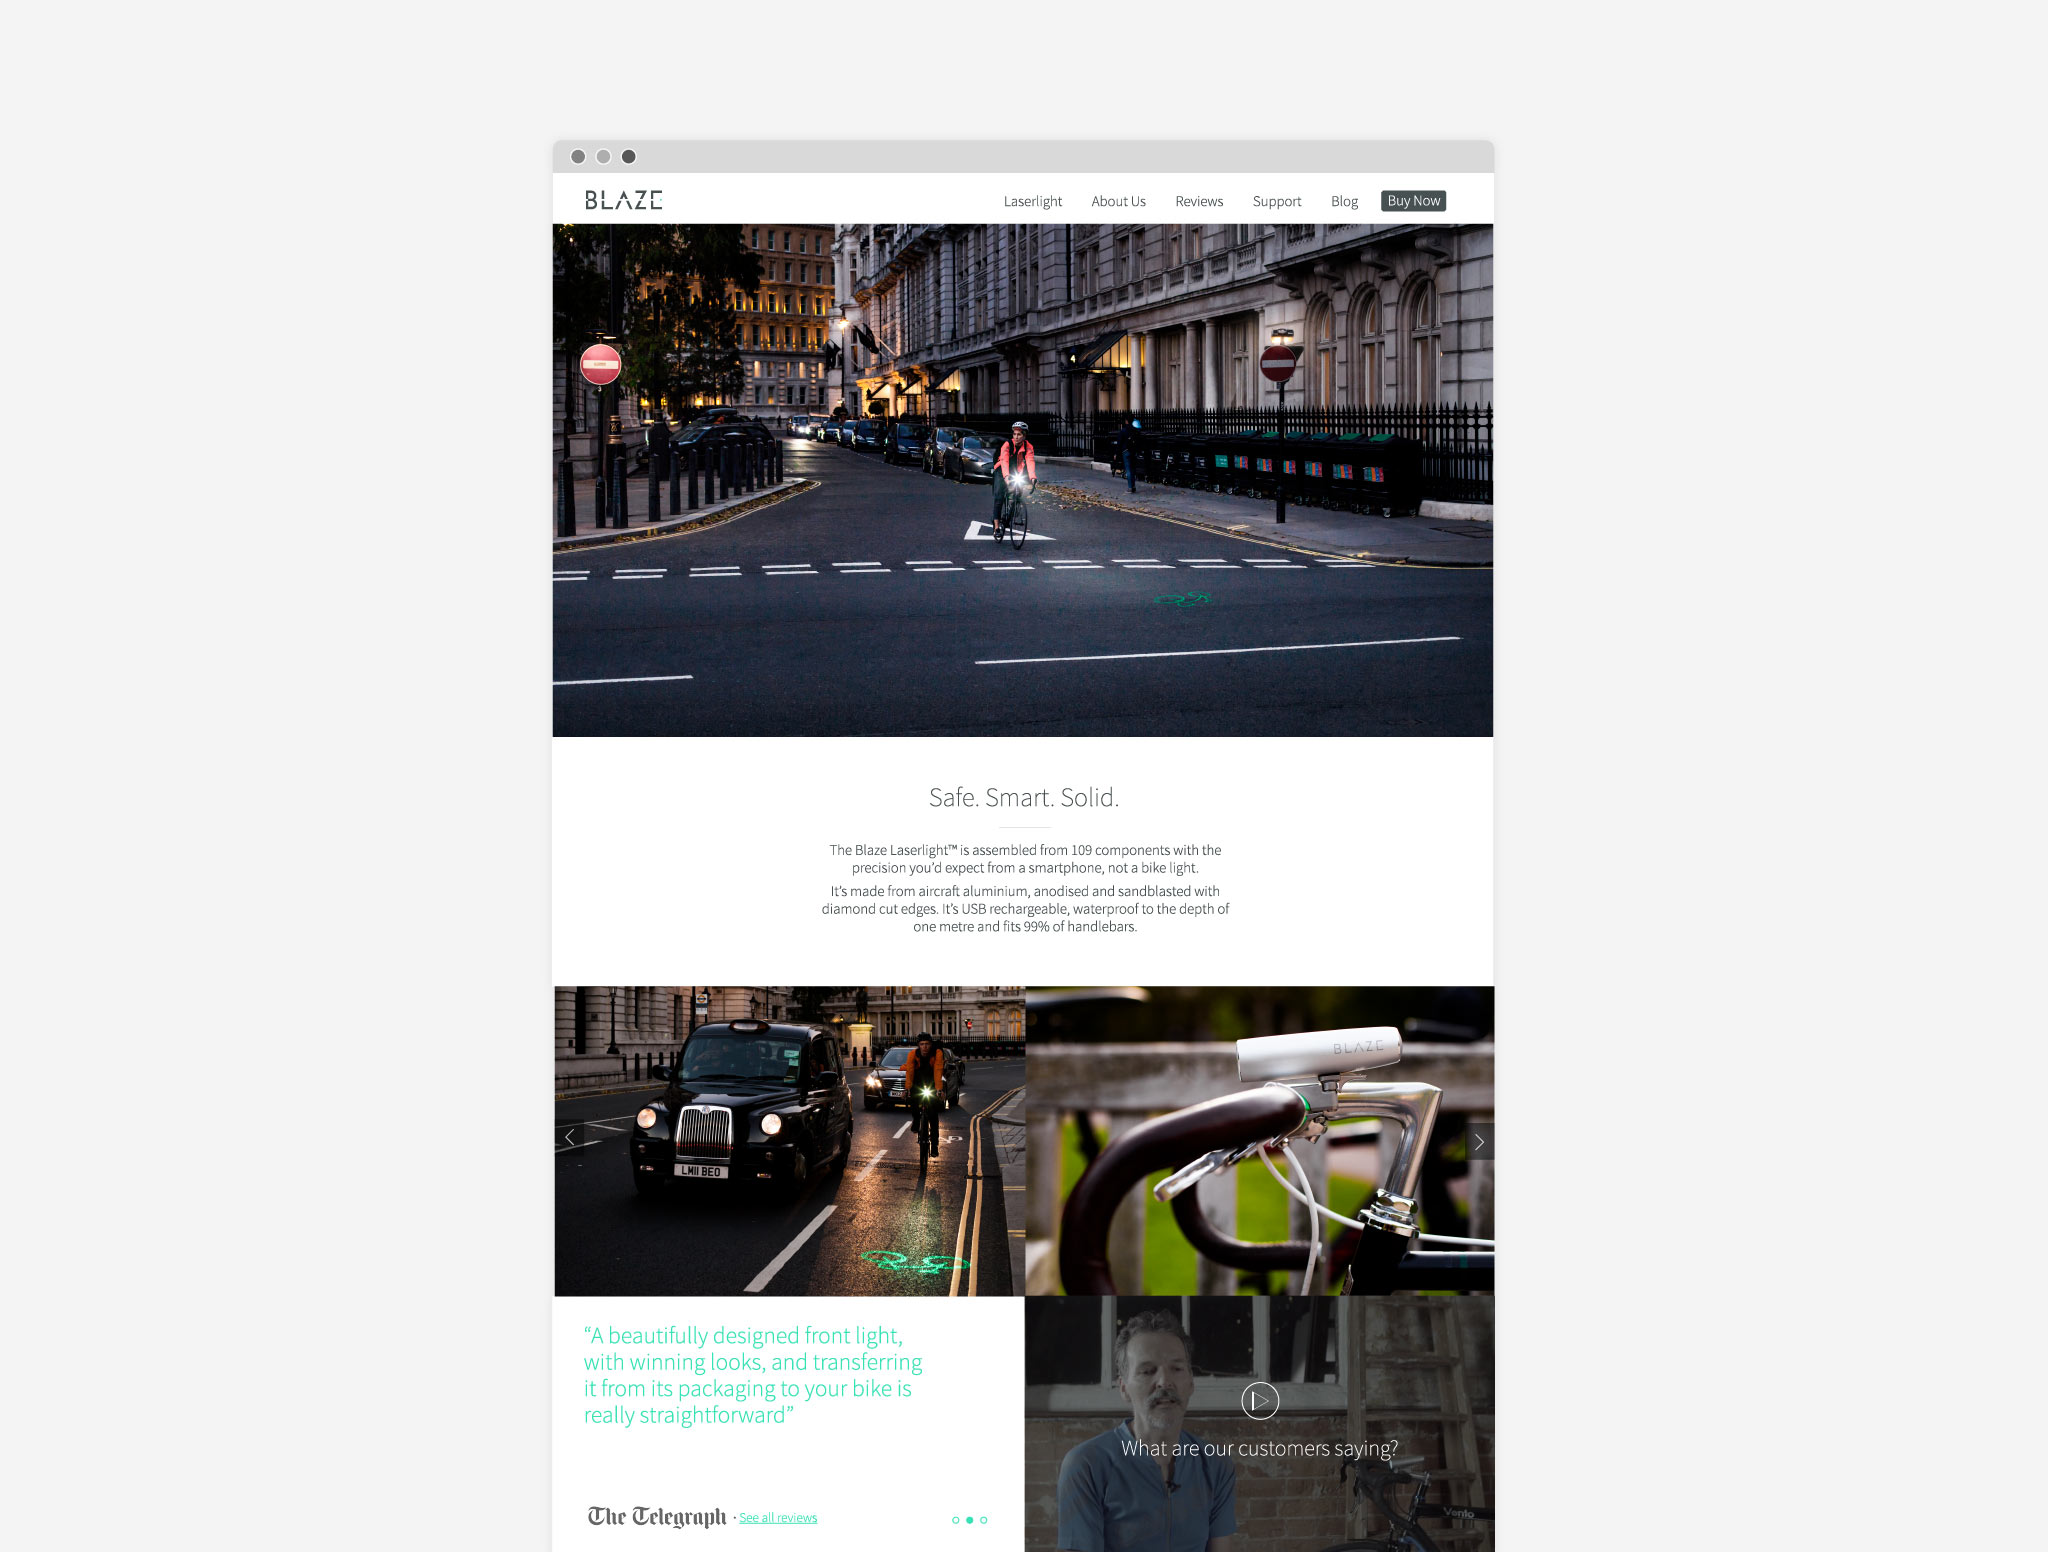 Blaze_Laserlight_Webdesign_RP01